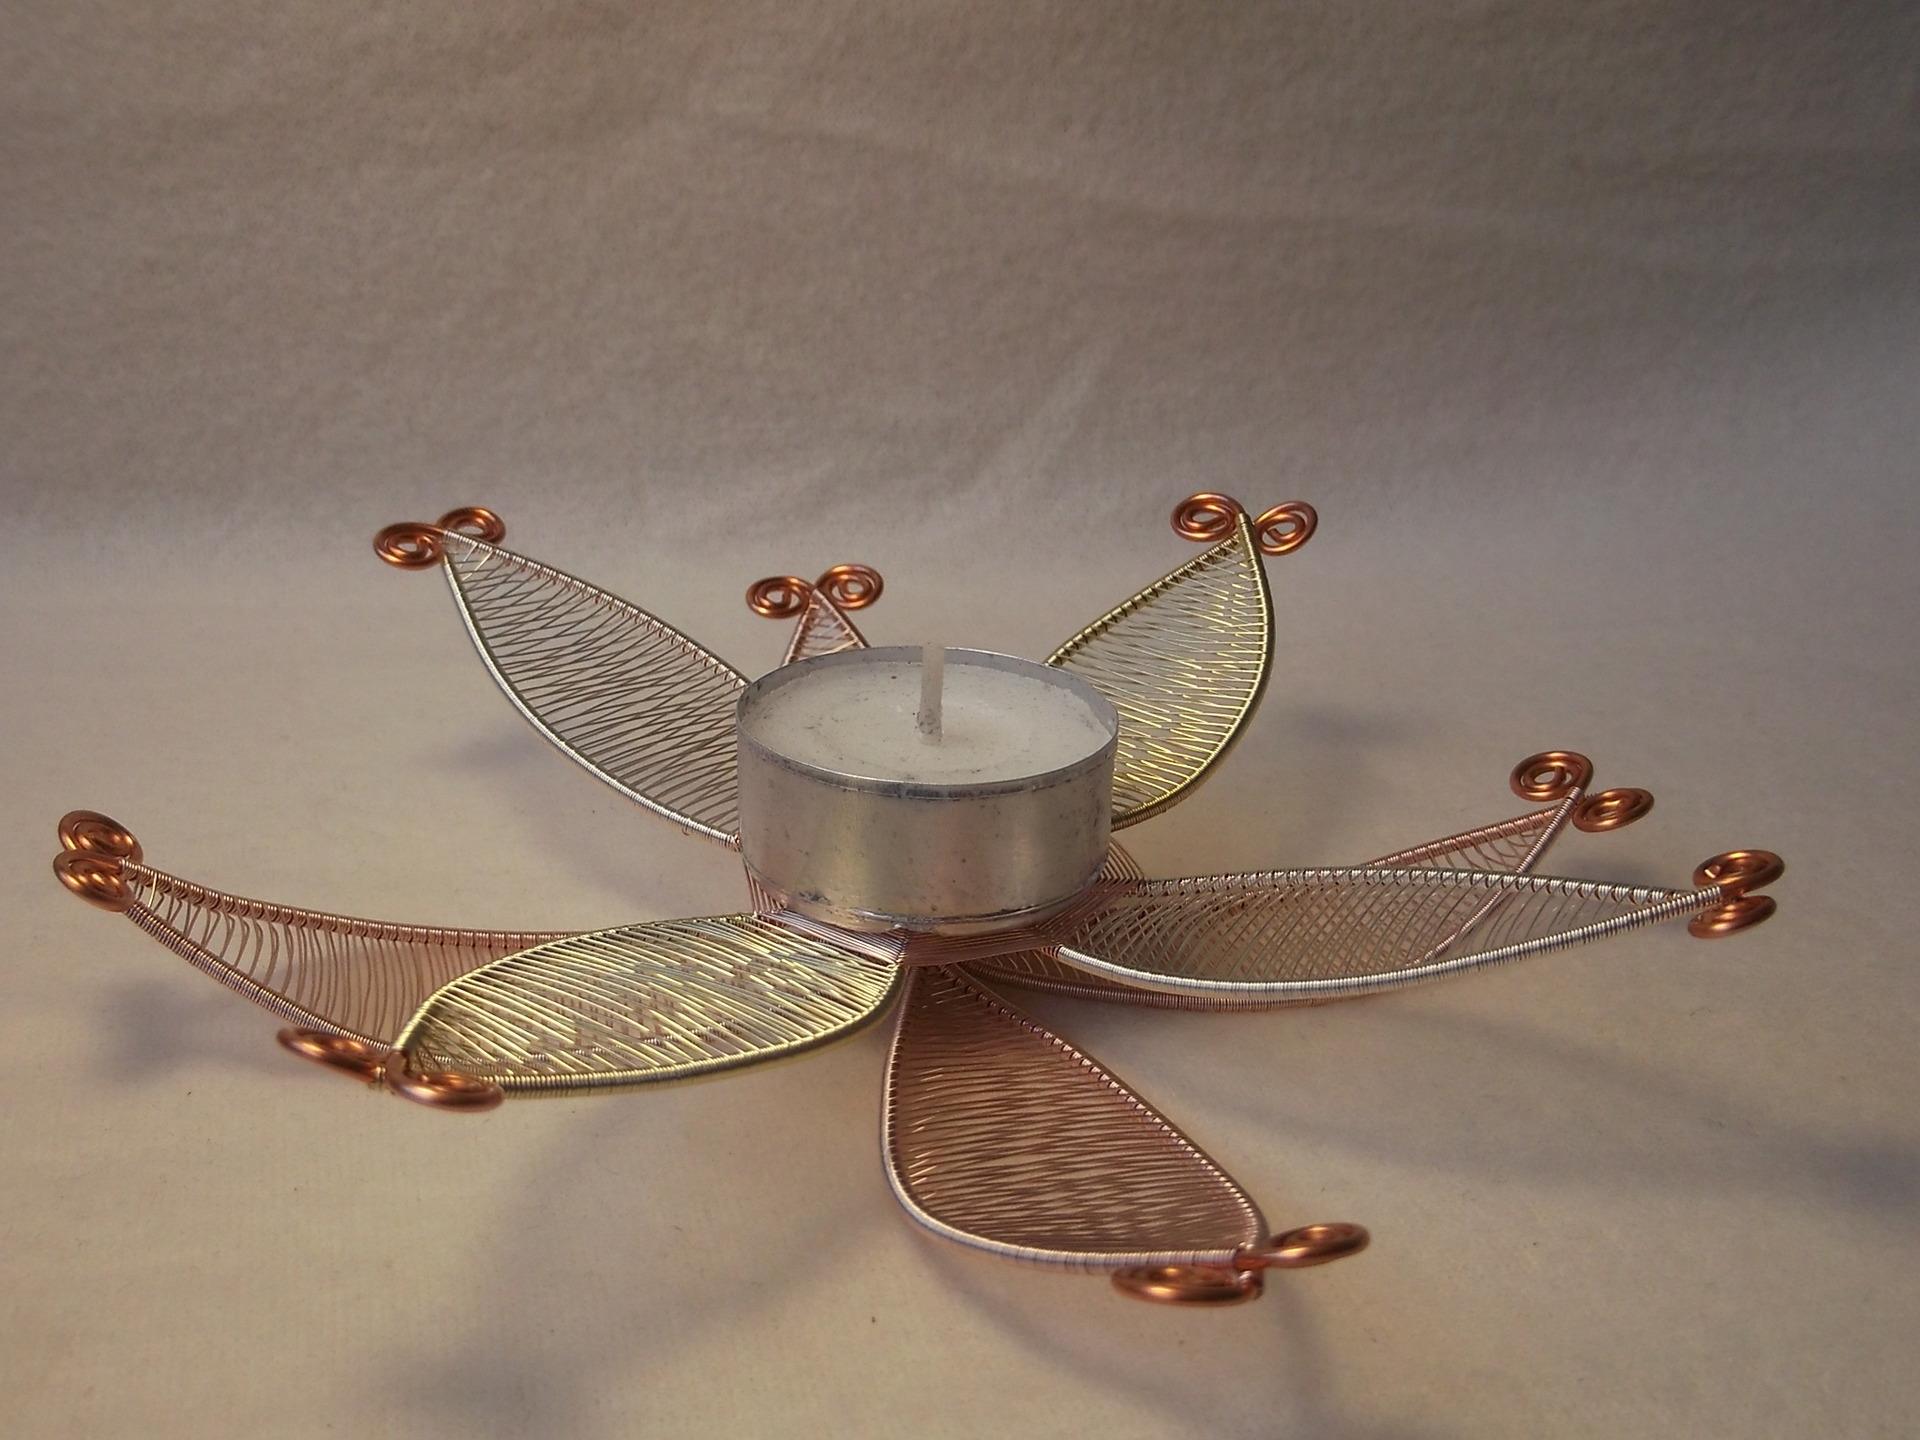 bougeoir fleur lotus en cuivre collection 2017 fait main maison et deco accessoires par steffil. Black Bedroom Furniture Sets. Home Design Ideas